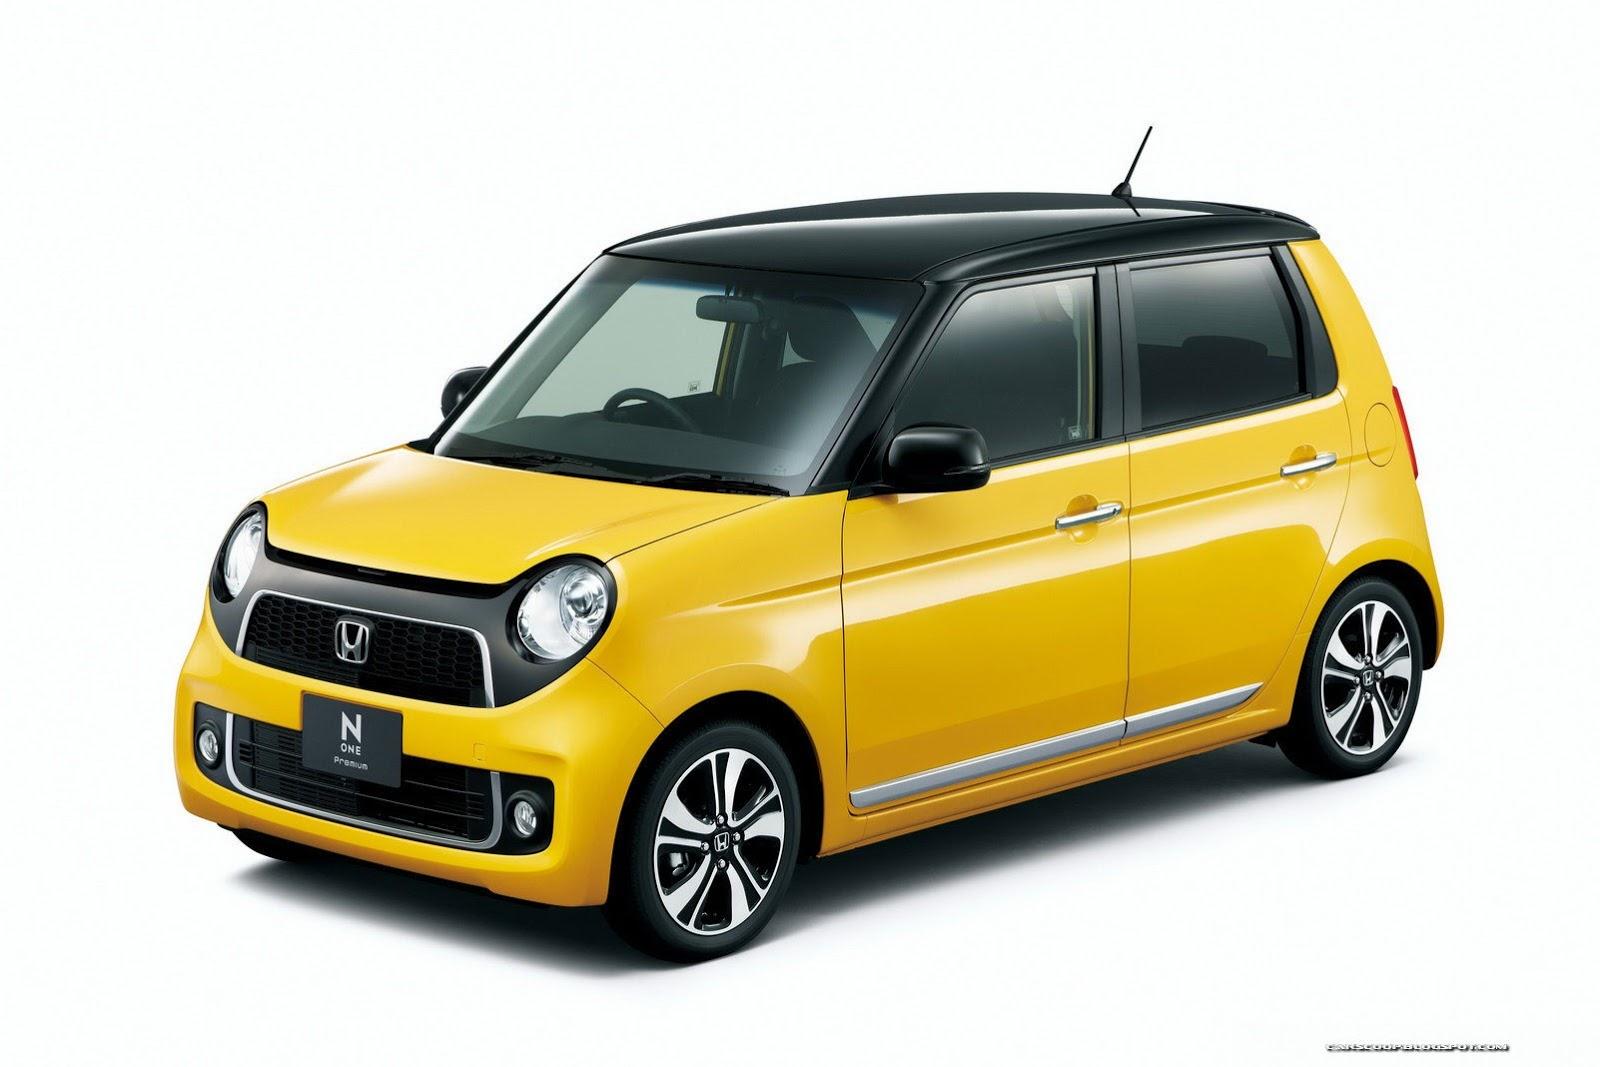 Honda to develop a sub brio small car for india for Honda small car